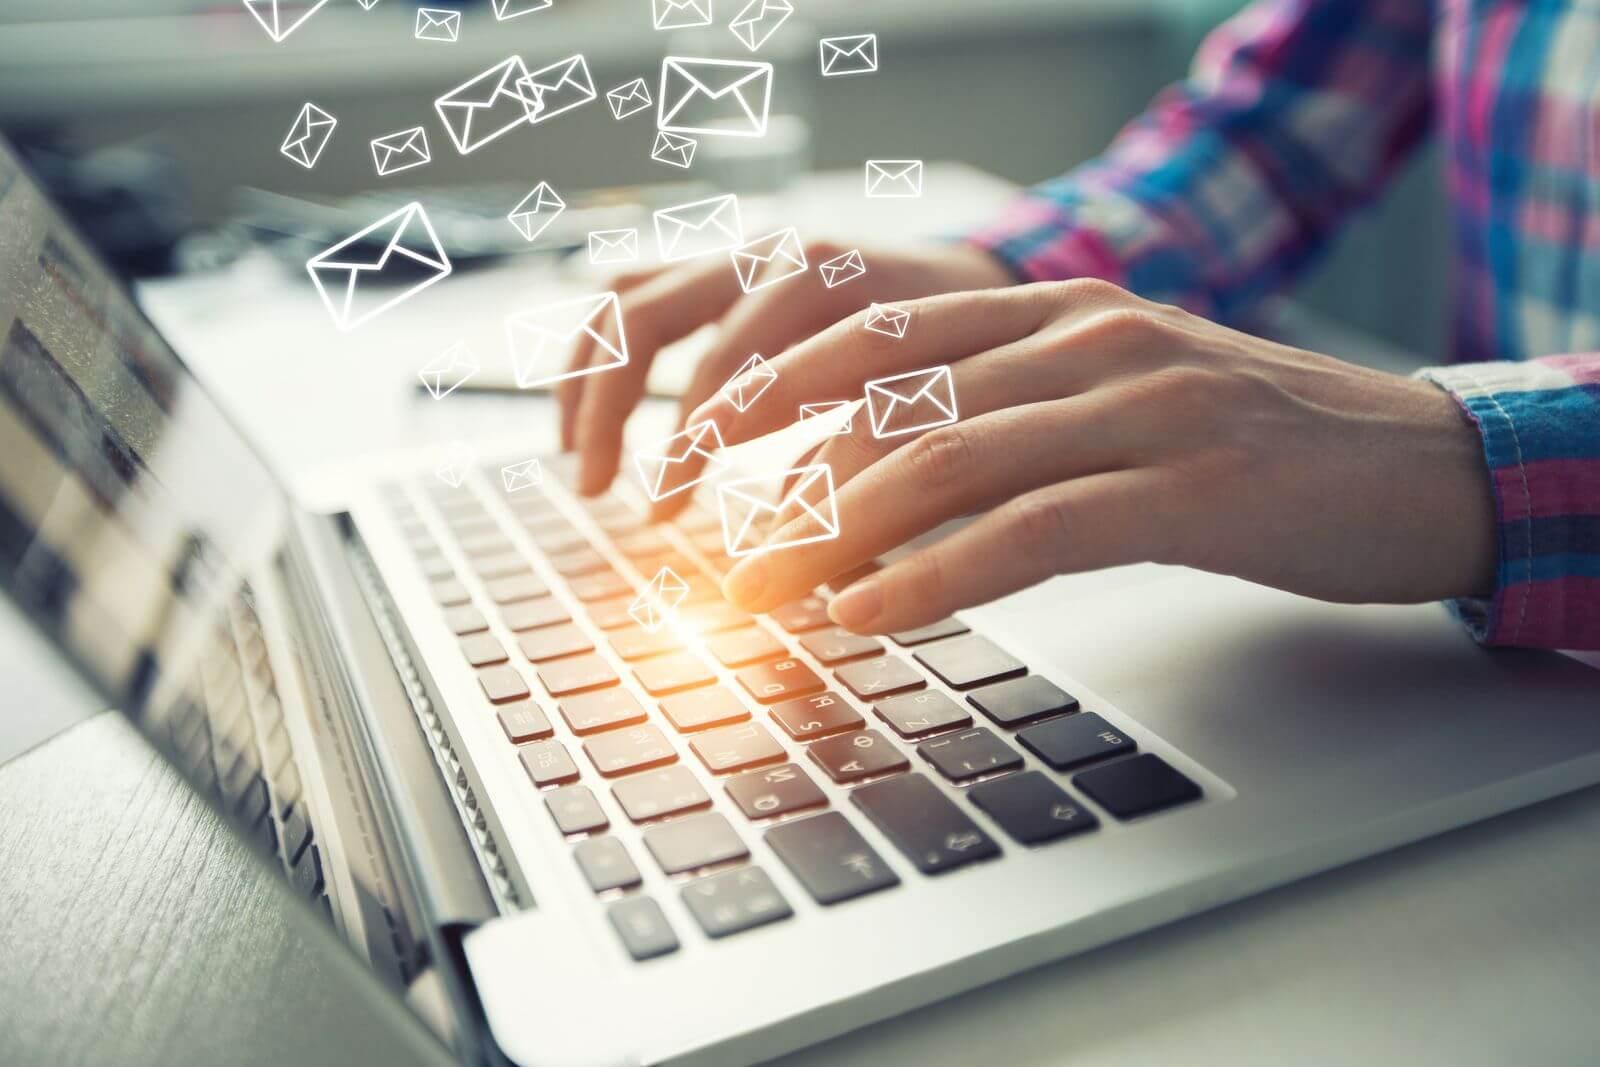 Man sending emails on laptop